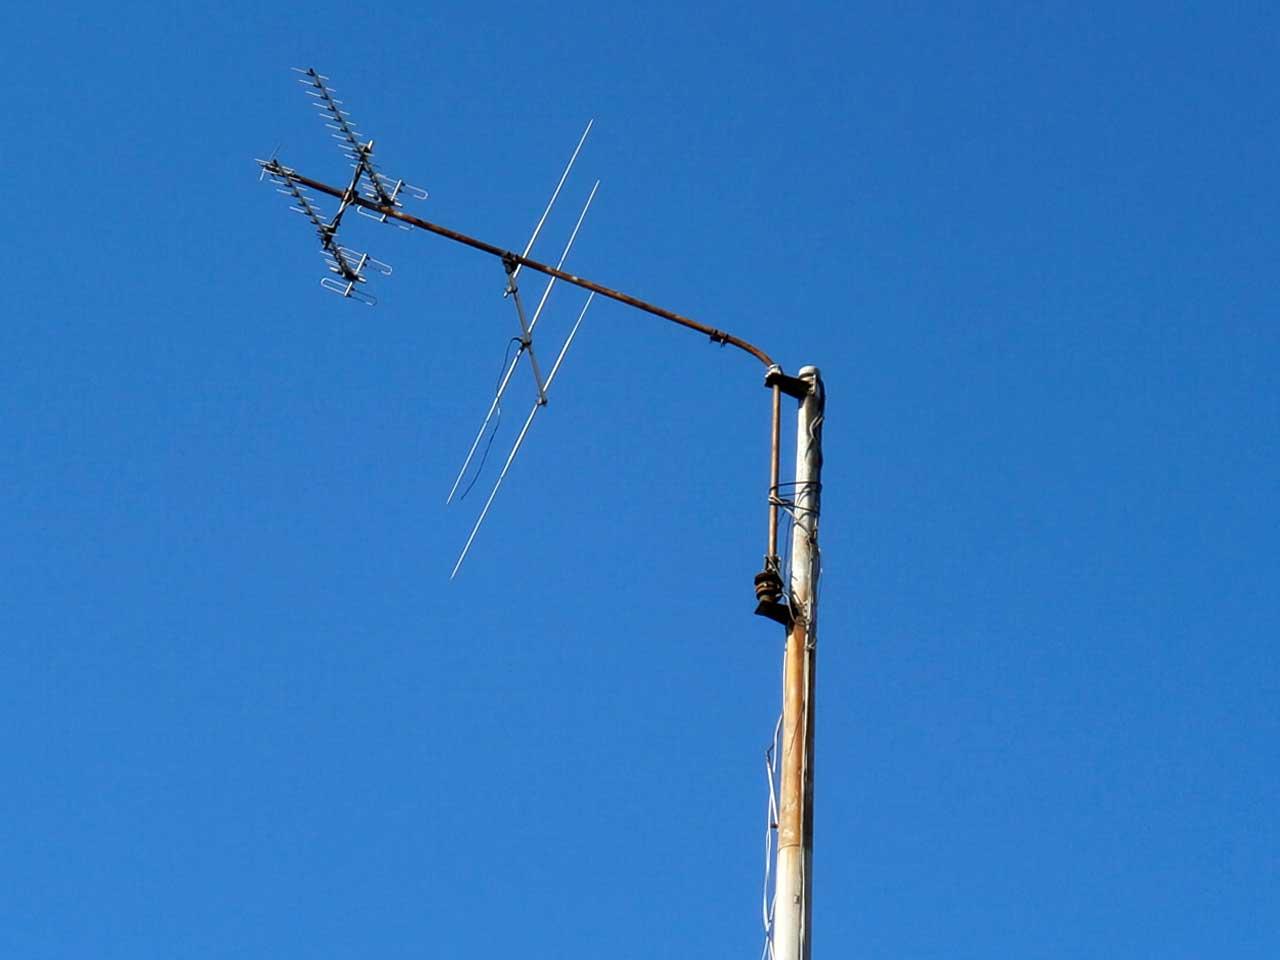 マストの曲がったアマチュア無線の危険なアンテナタワー